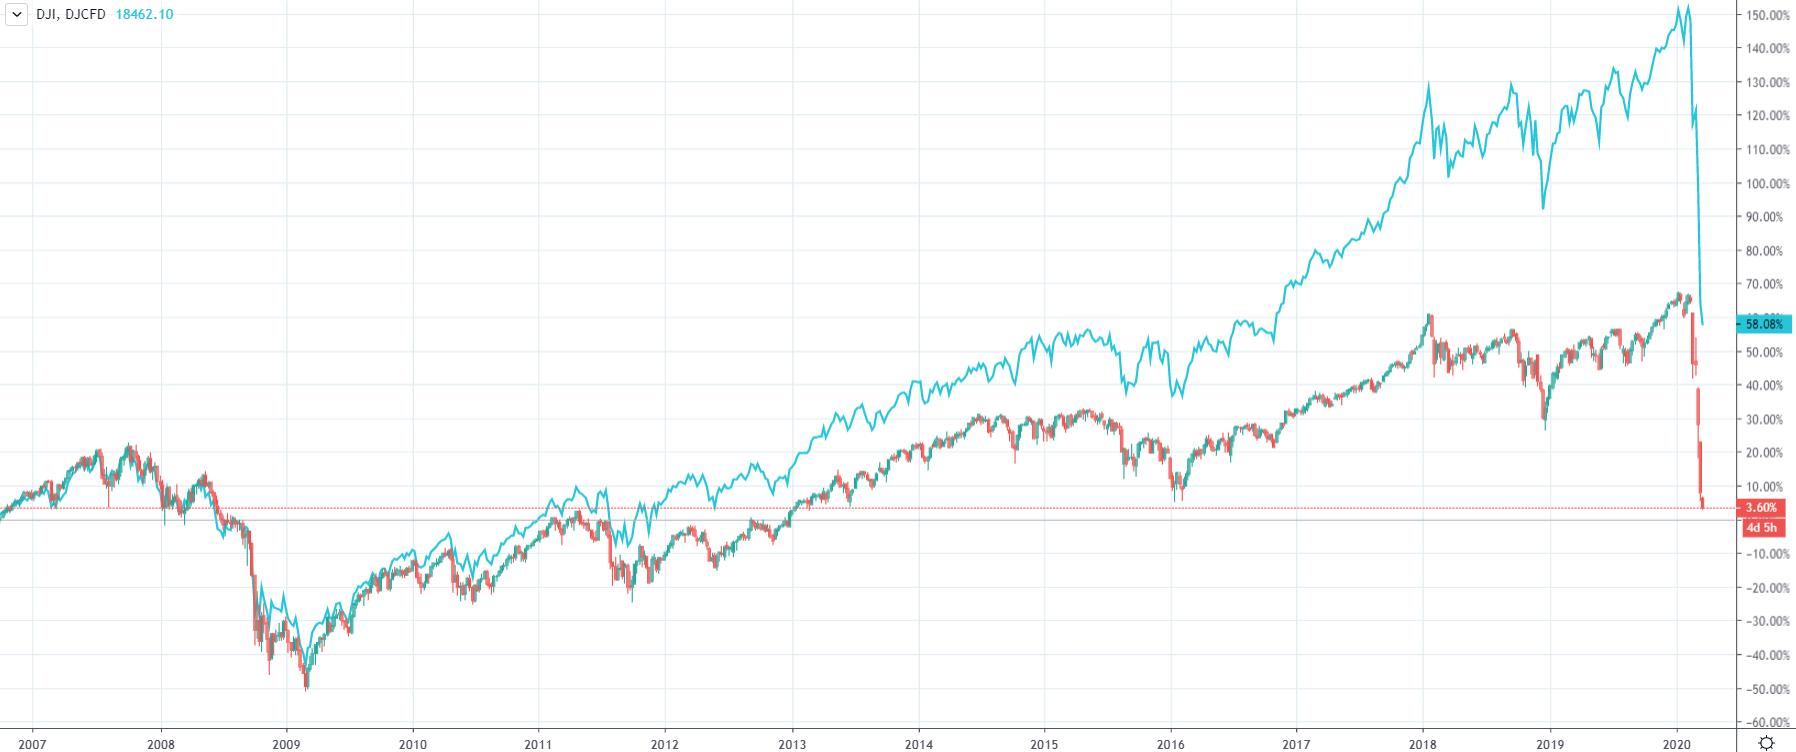 NYSE Composite vs Dow Jones index